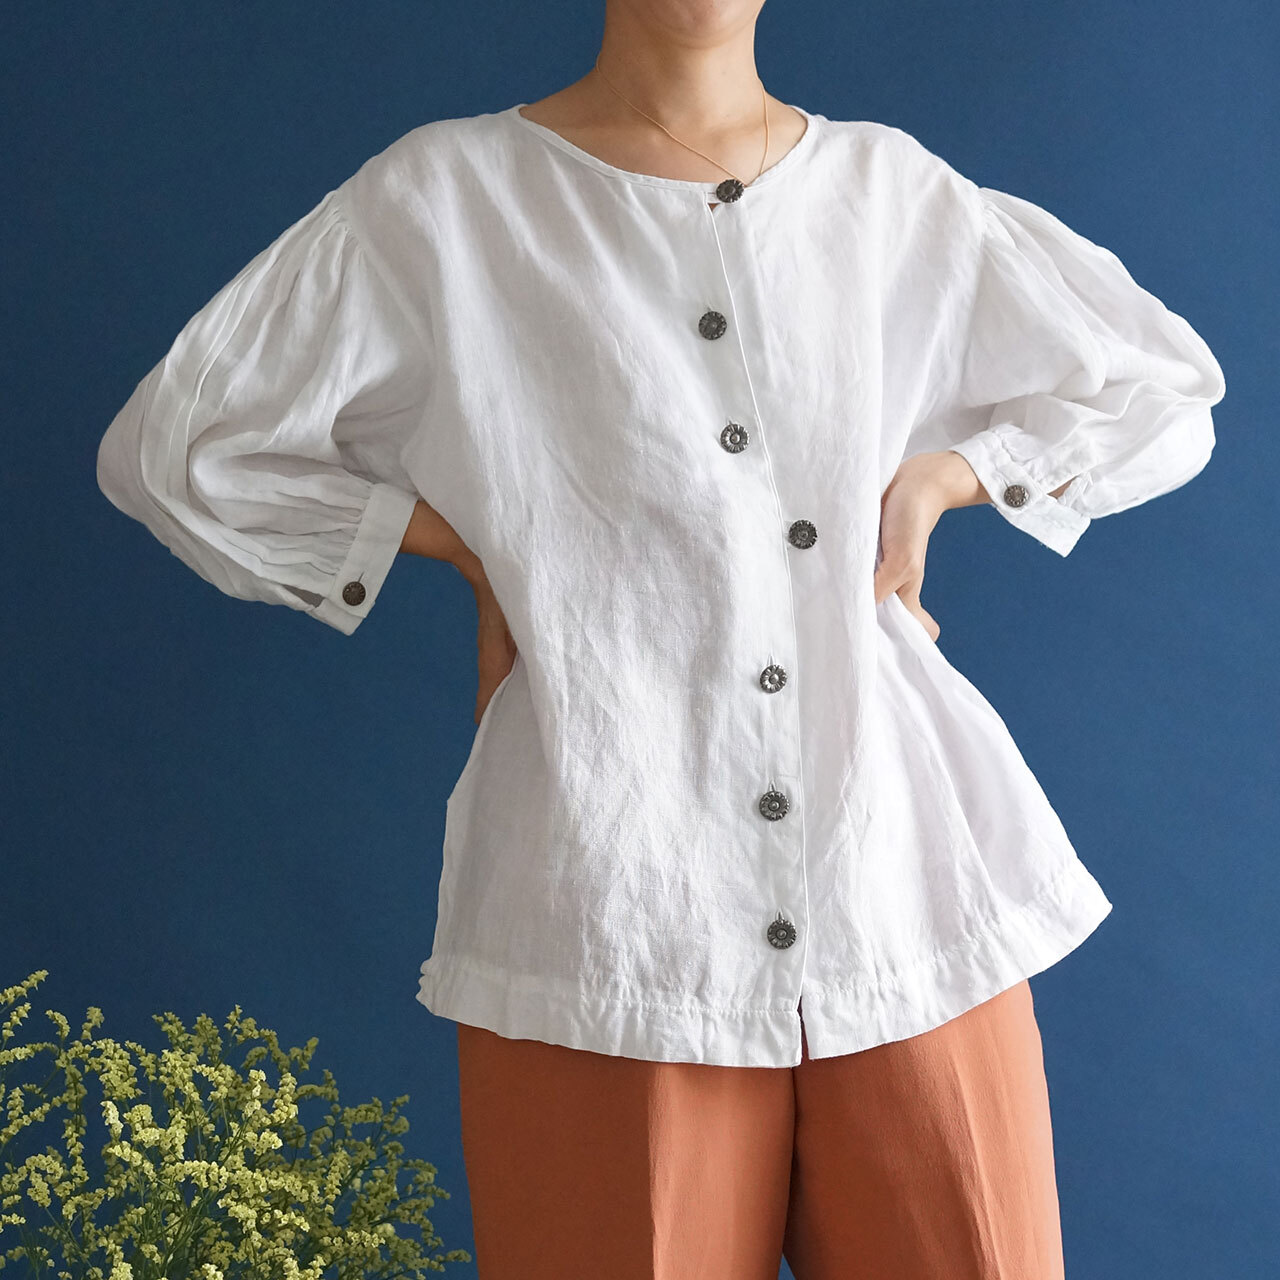 【送料無料】80's-90's vintage white linen puffed balloon sleeve blouse(80年代-90年代 アンティーク 古着 レース ブラウス)